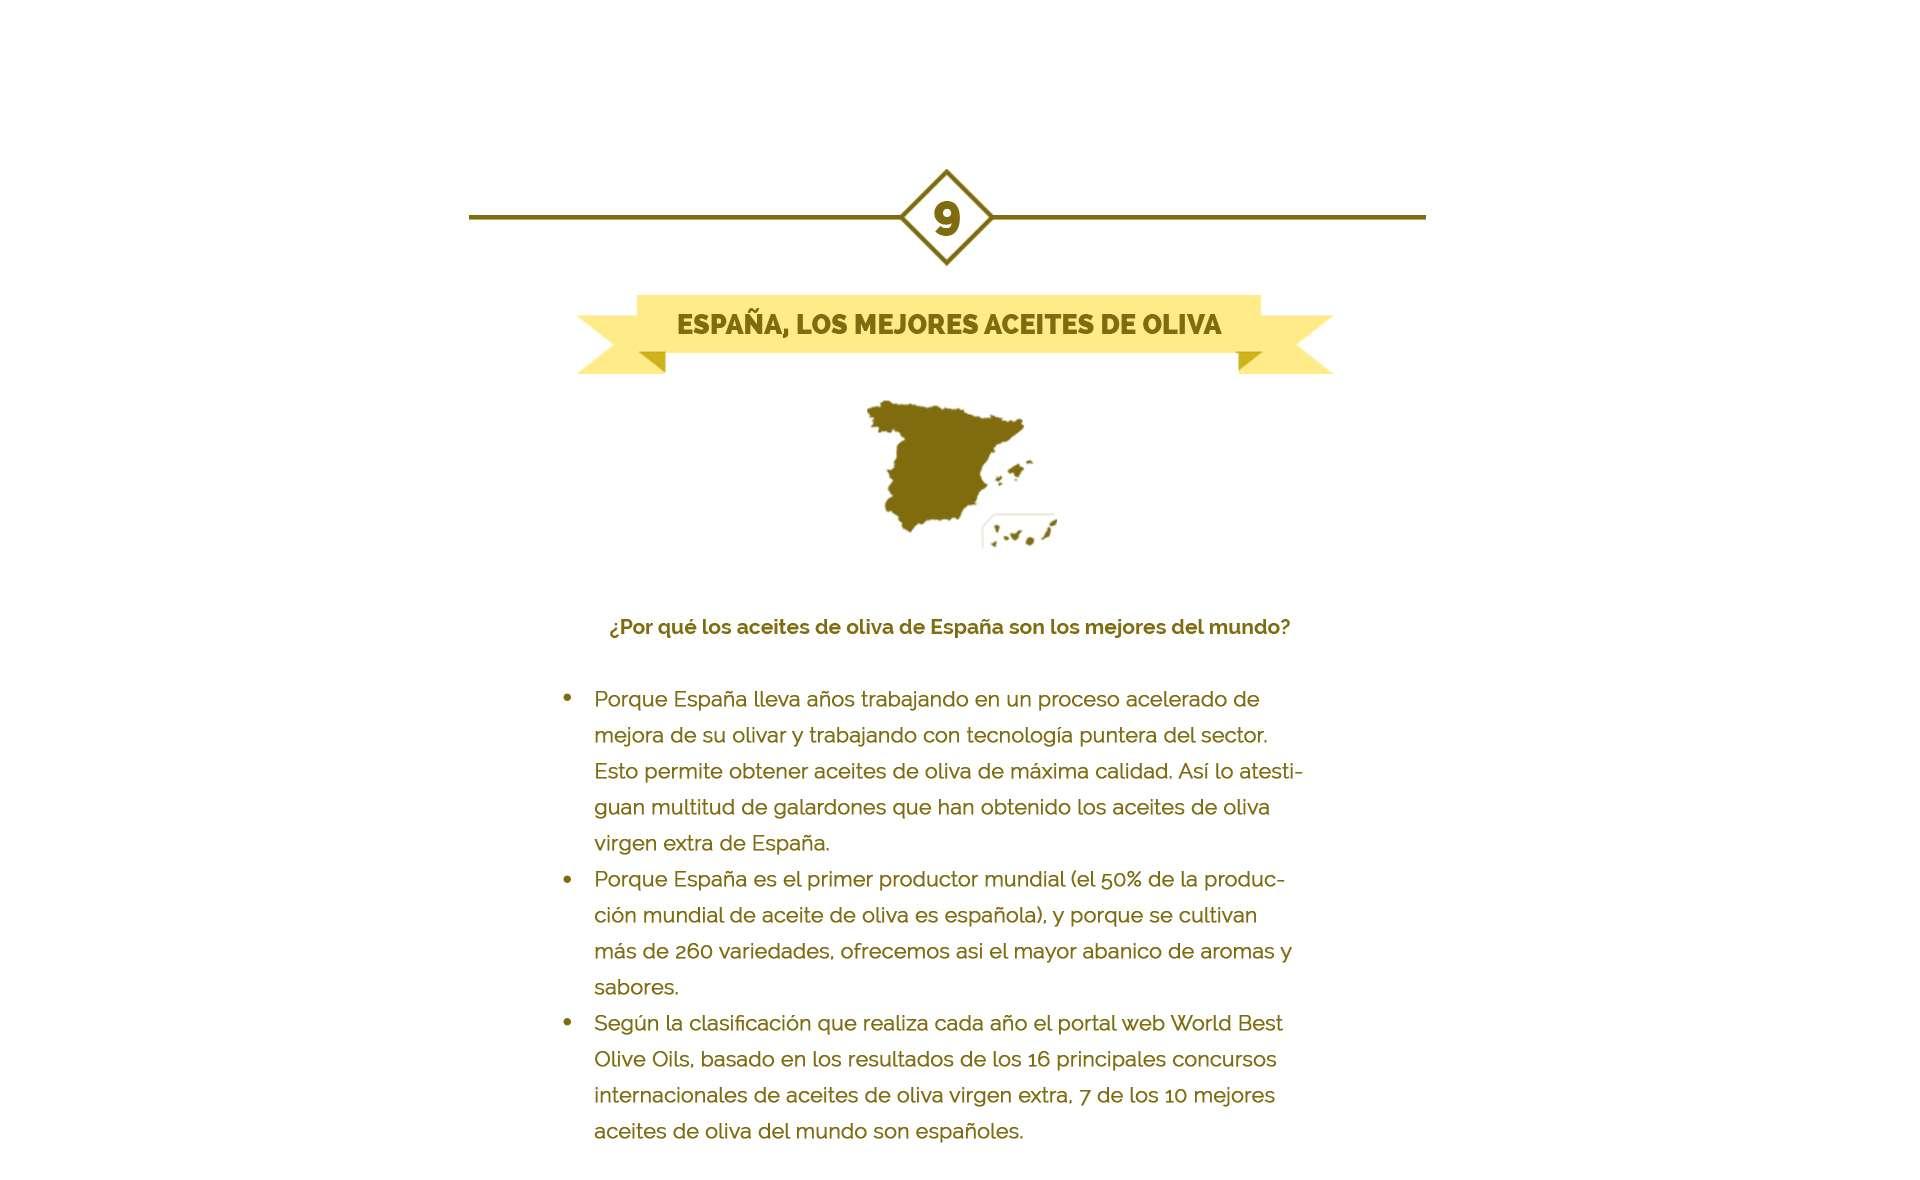 españa los mejores aceites de oliva